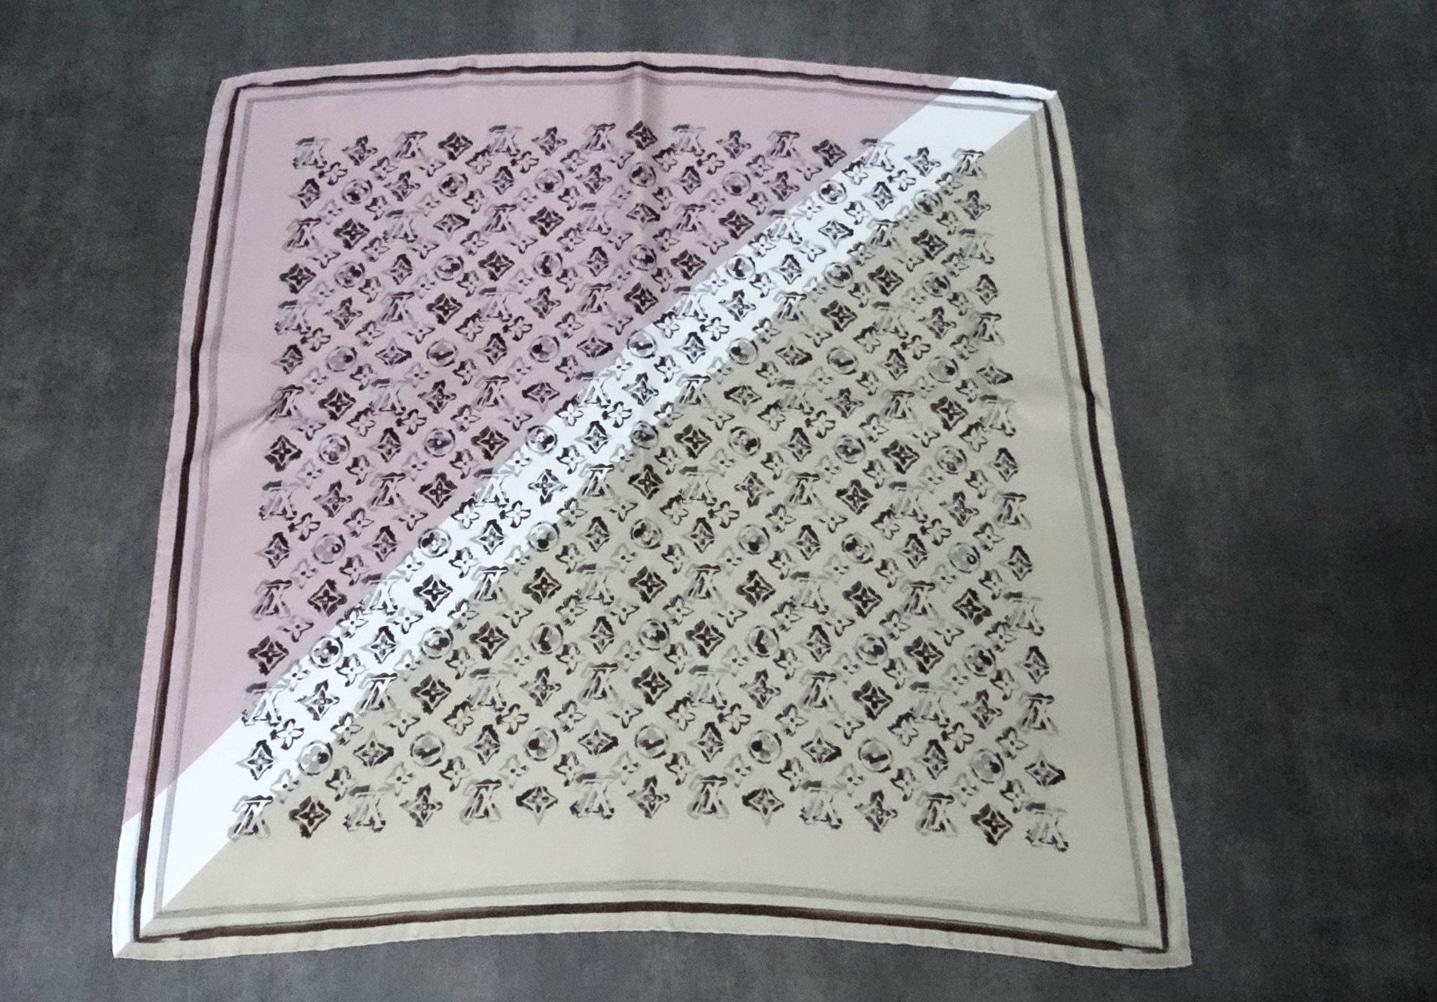 pas cher nouvelles photos en présentant Carré de soie Neuf Louis Vuitton